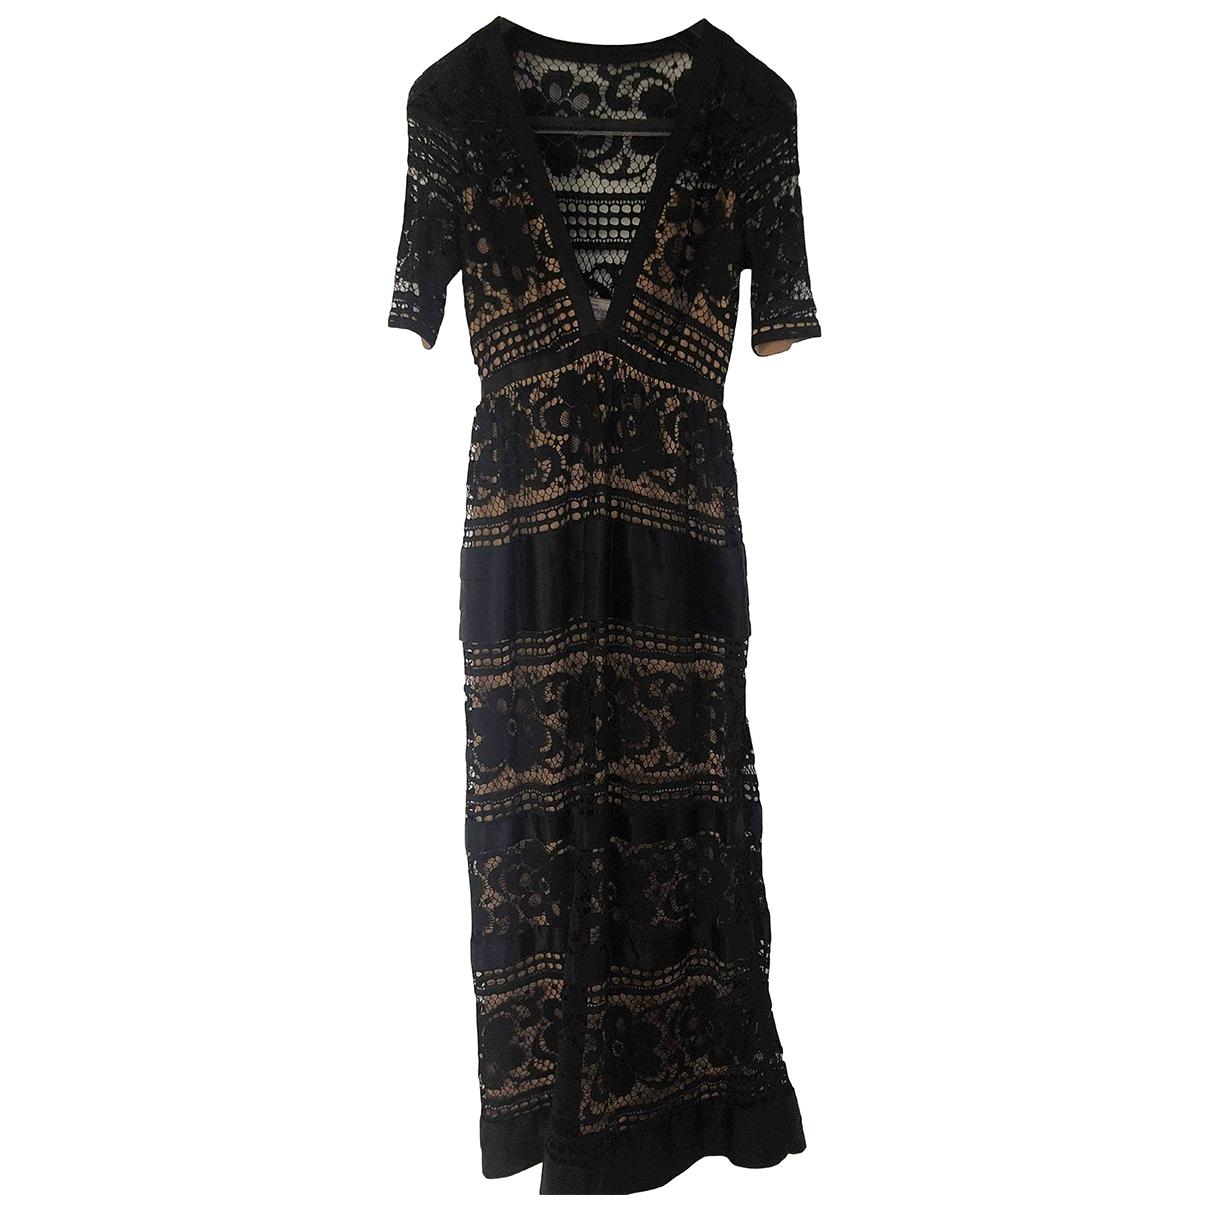 Temperley London \N Black Lace dress for Women XS International